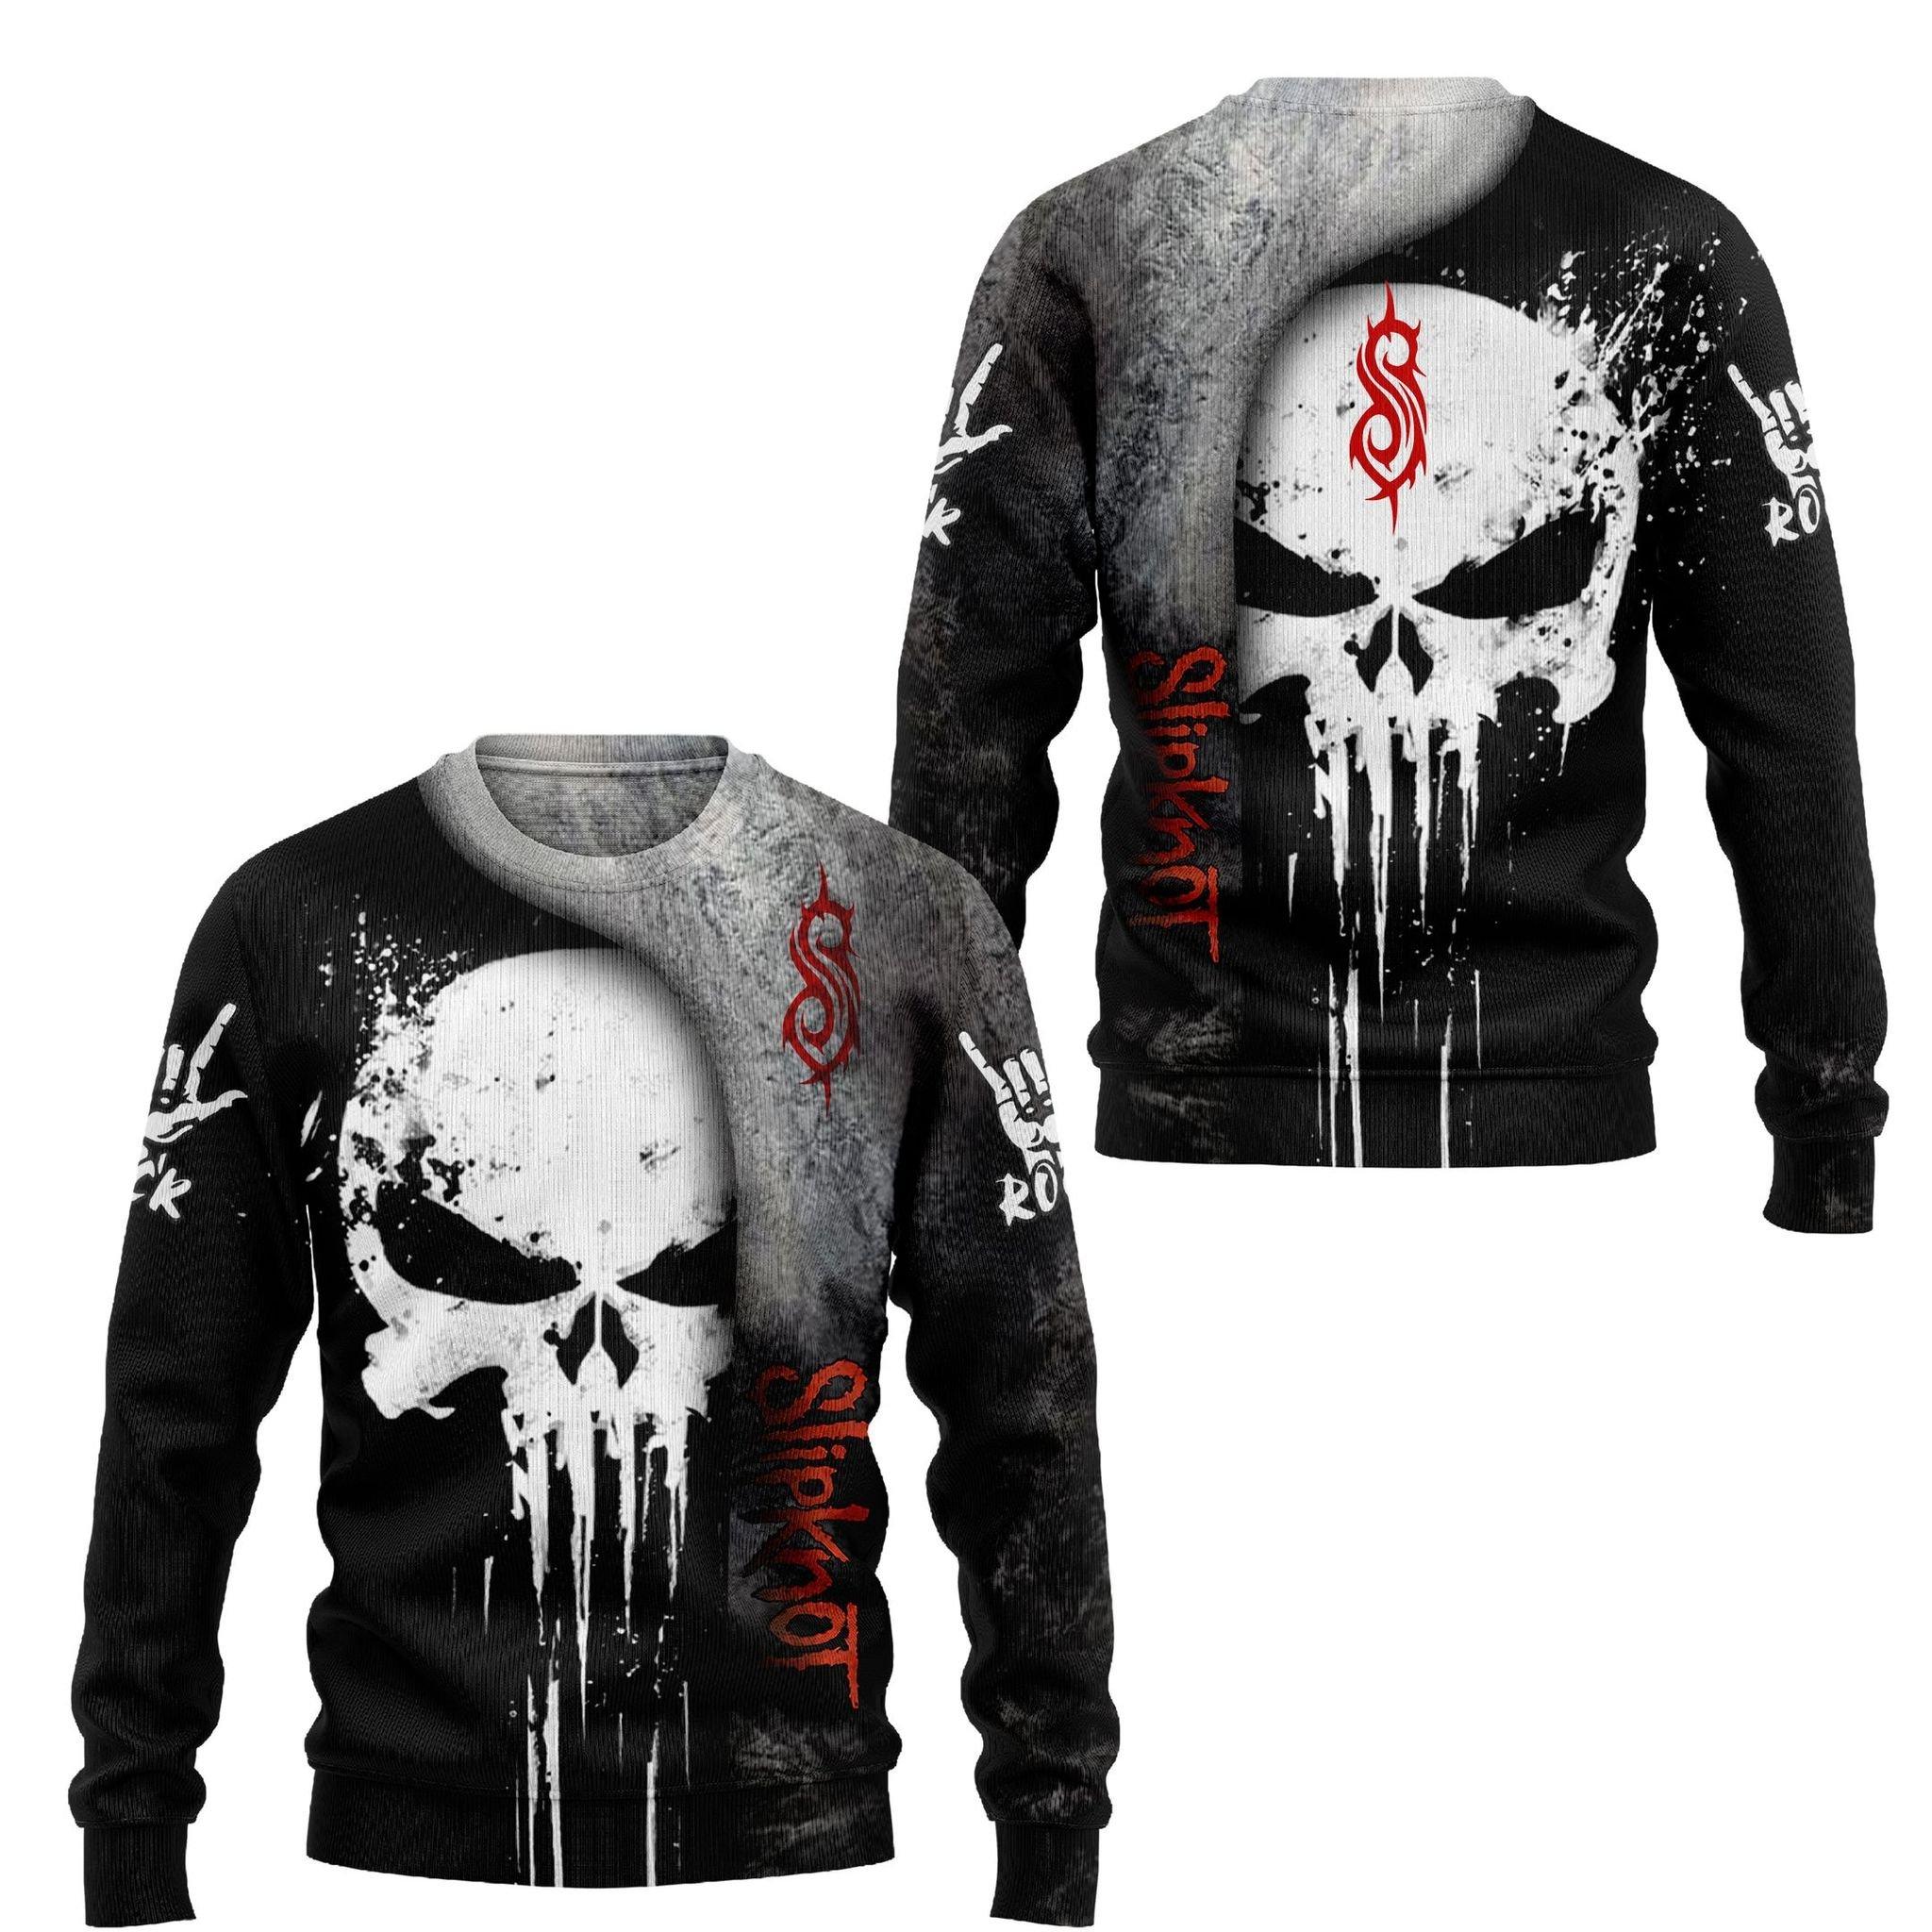 Slipknot skull 3d hoodie and shirt 1